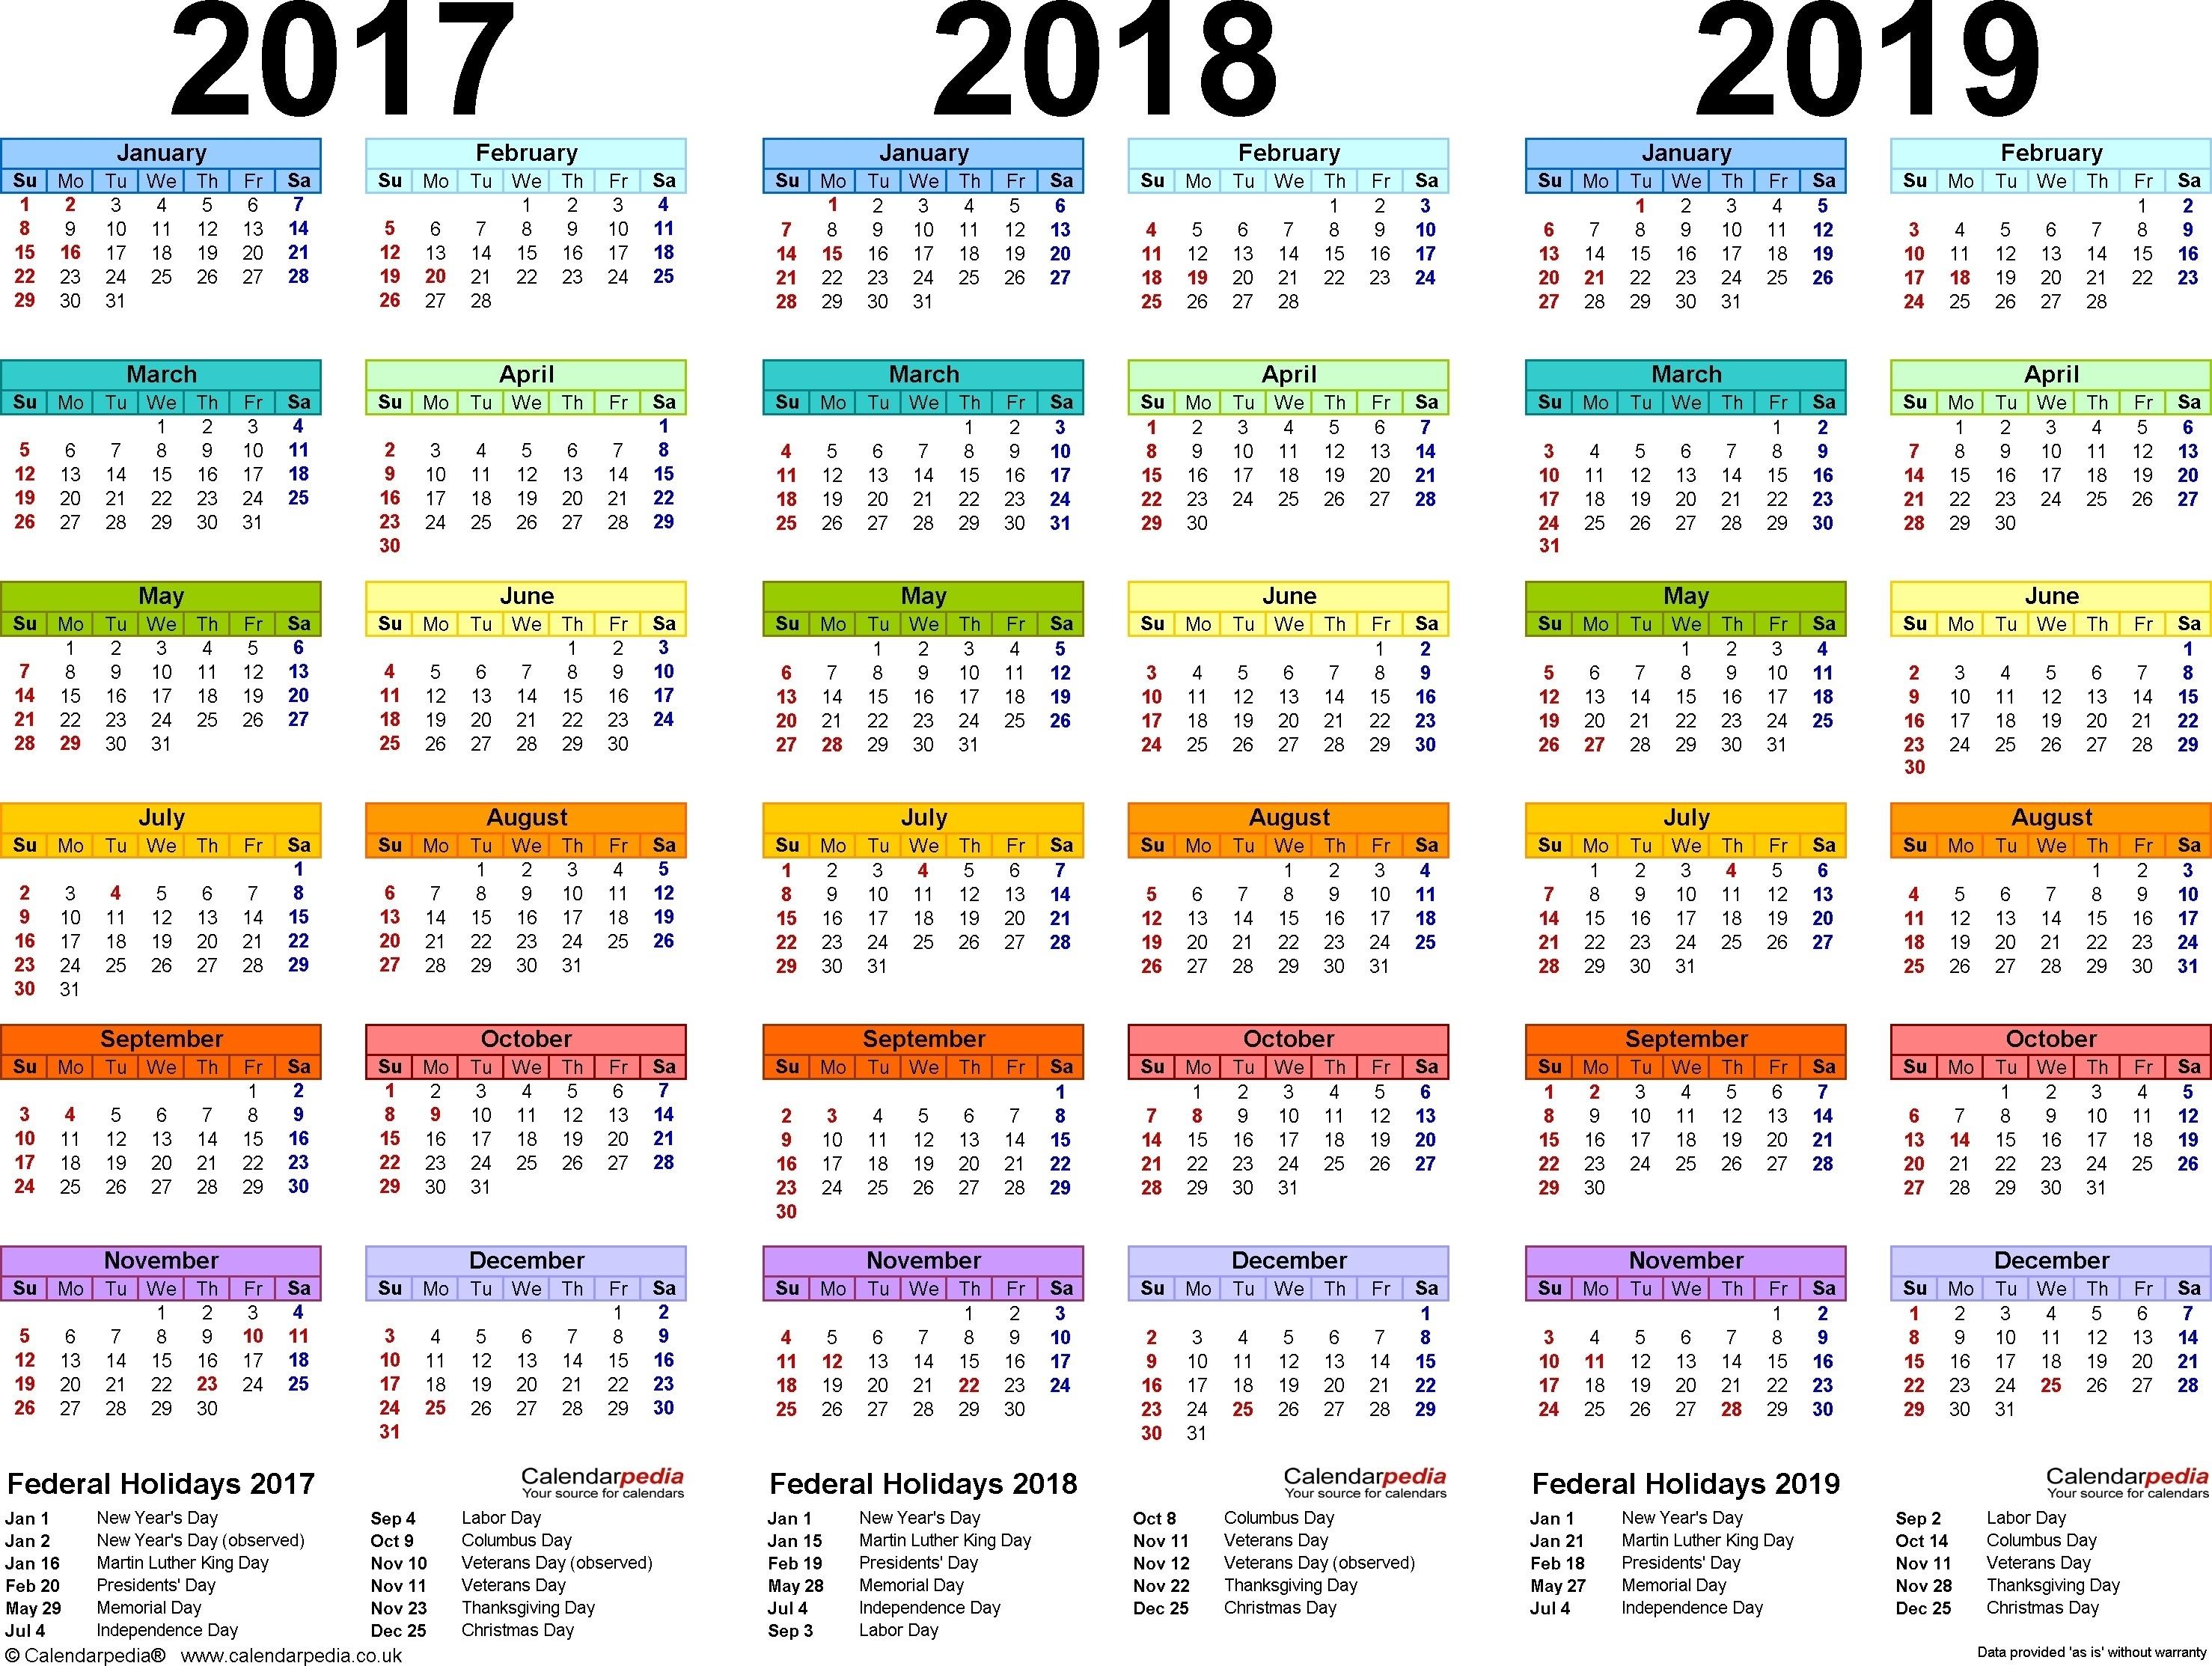 Depo Provera Calendar 2020 | Calendar For Planning intended for Depo Provera Calendar 2020 Printable